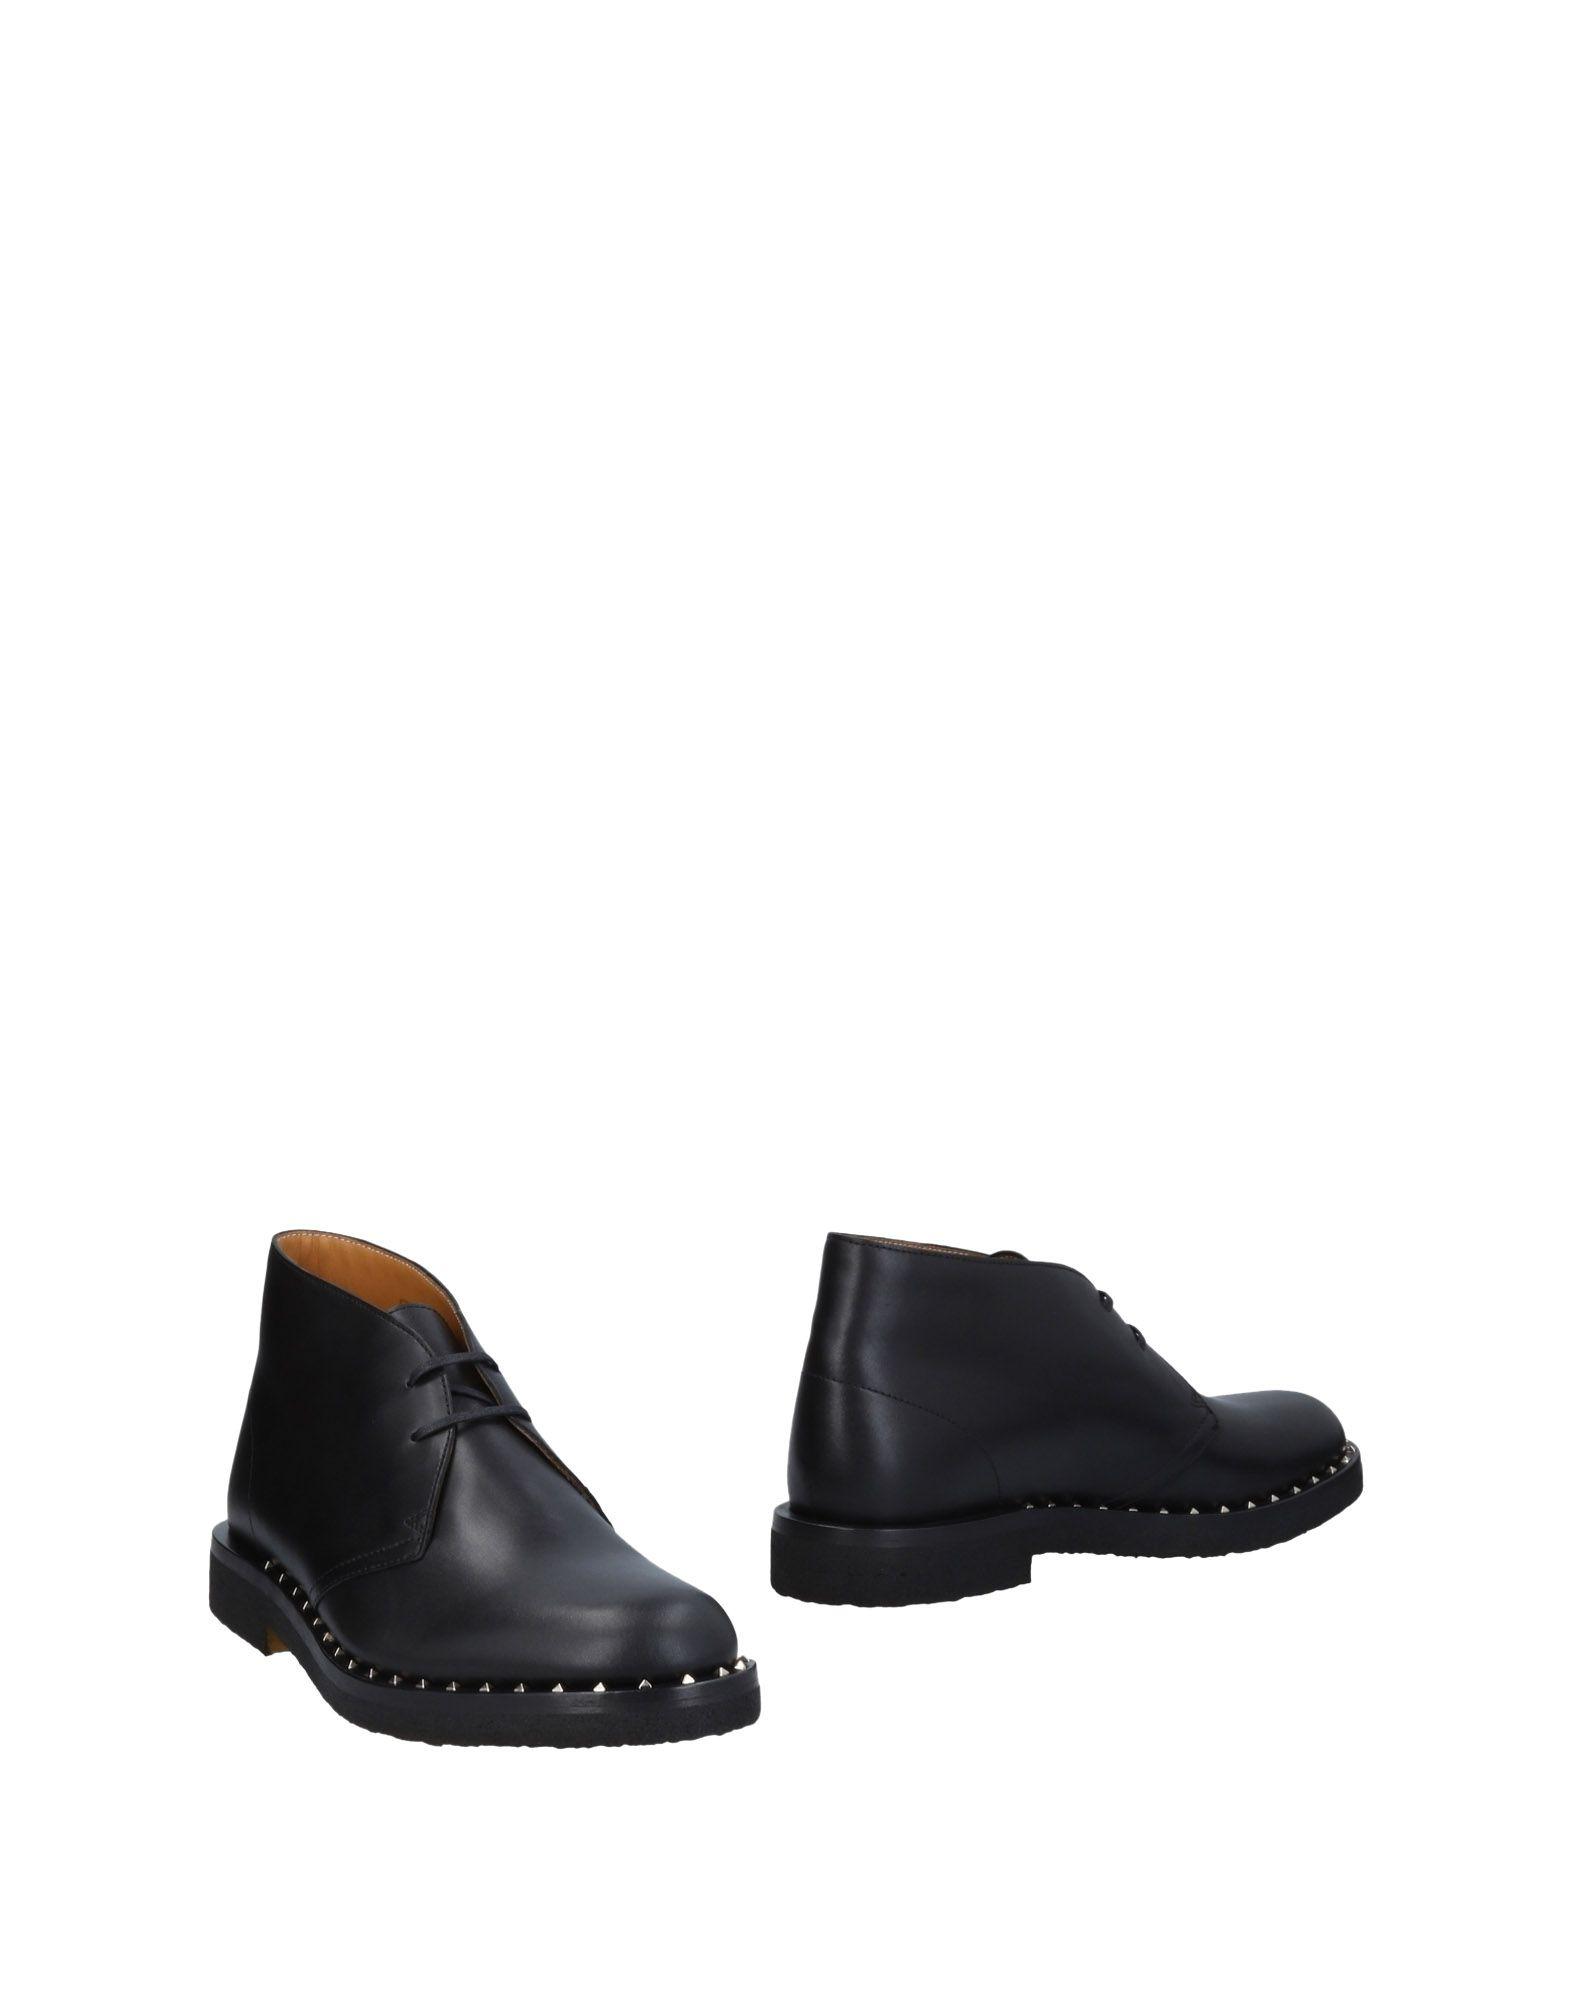 Valentino 11462213RK Garavani Stiefelette Herren  11462213RK Valentino Gute Qualität beliebte Schuhe af309c